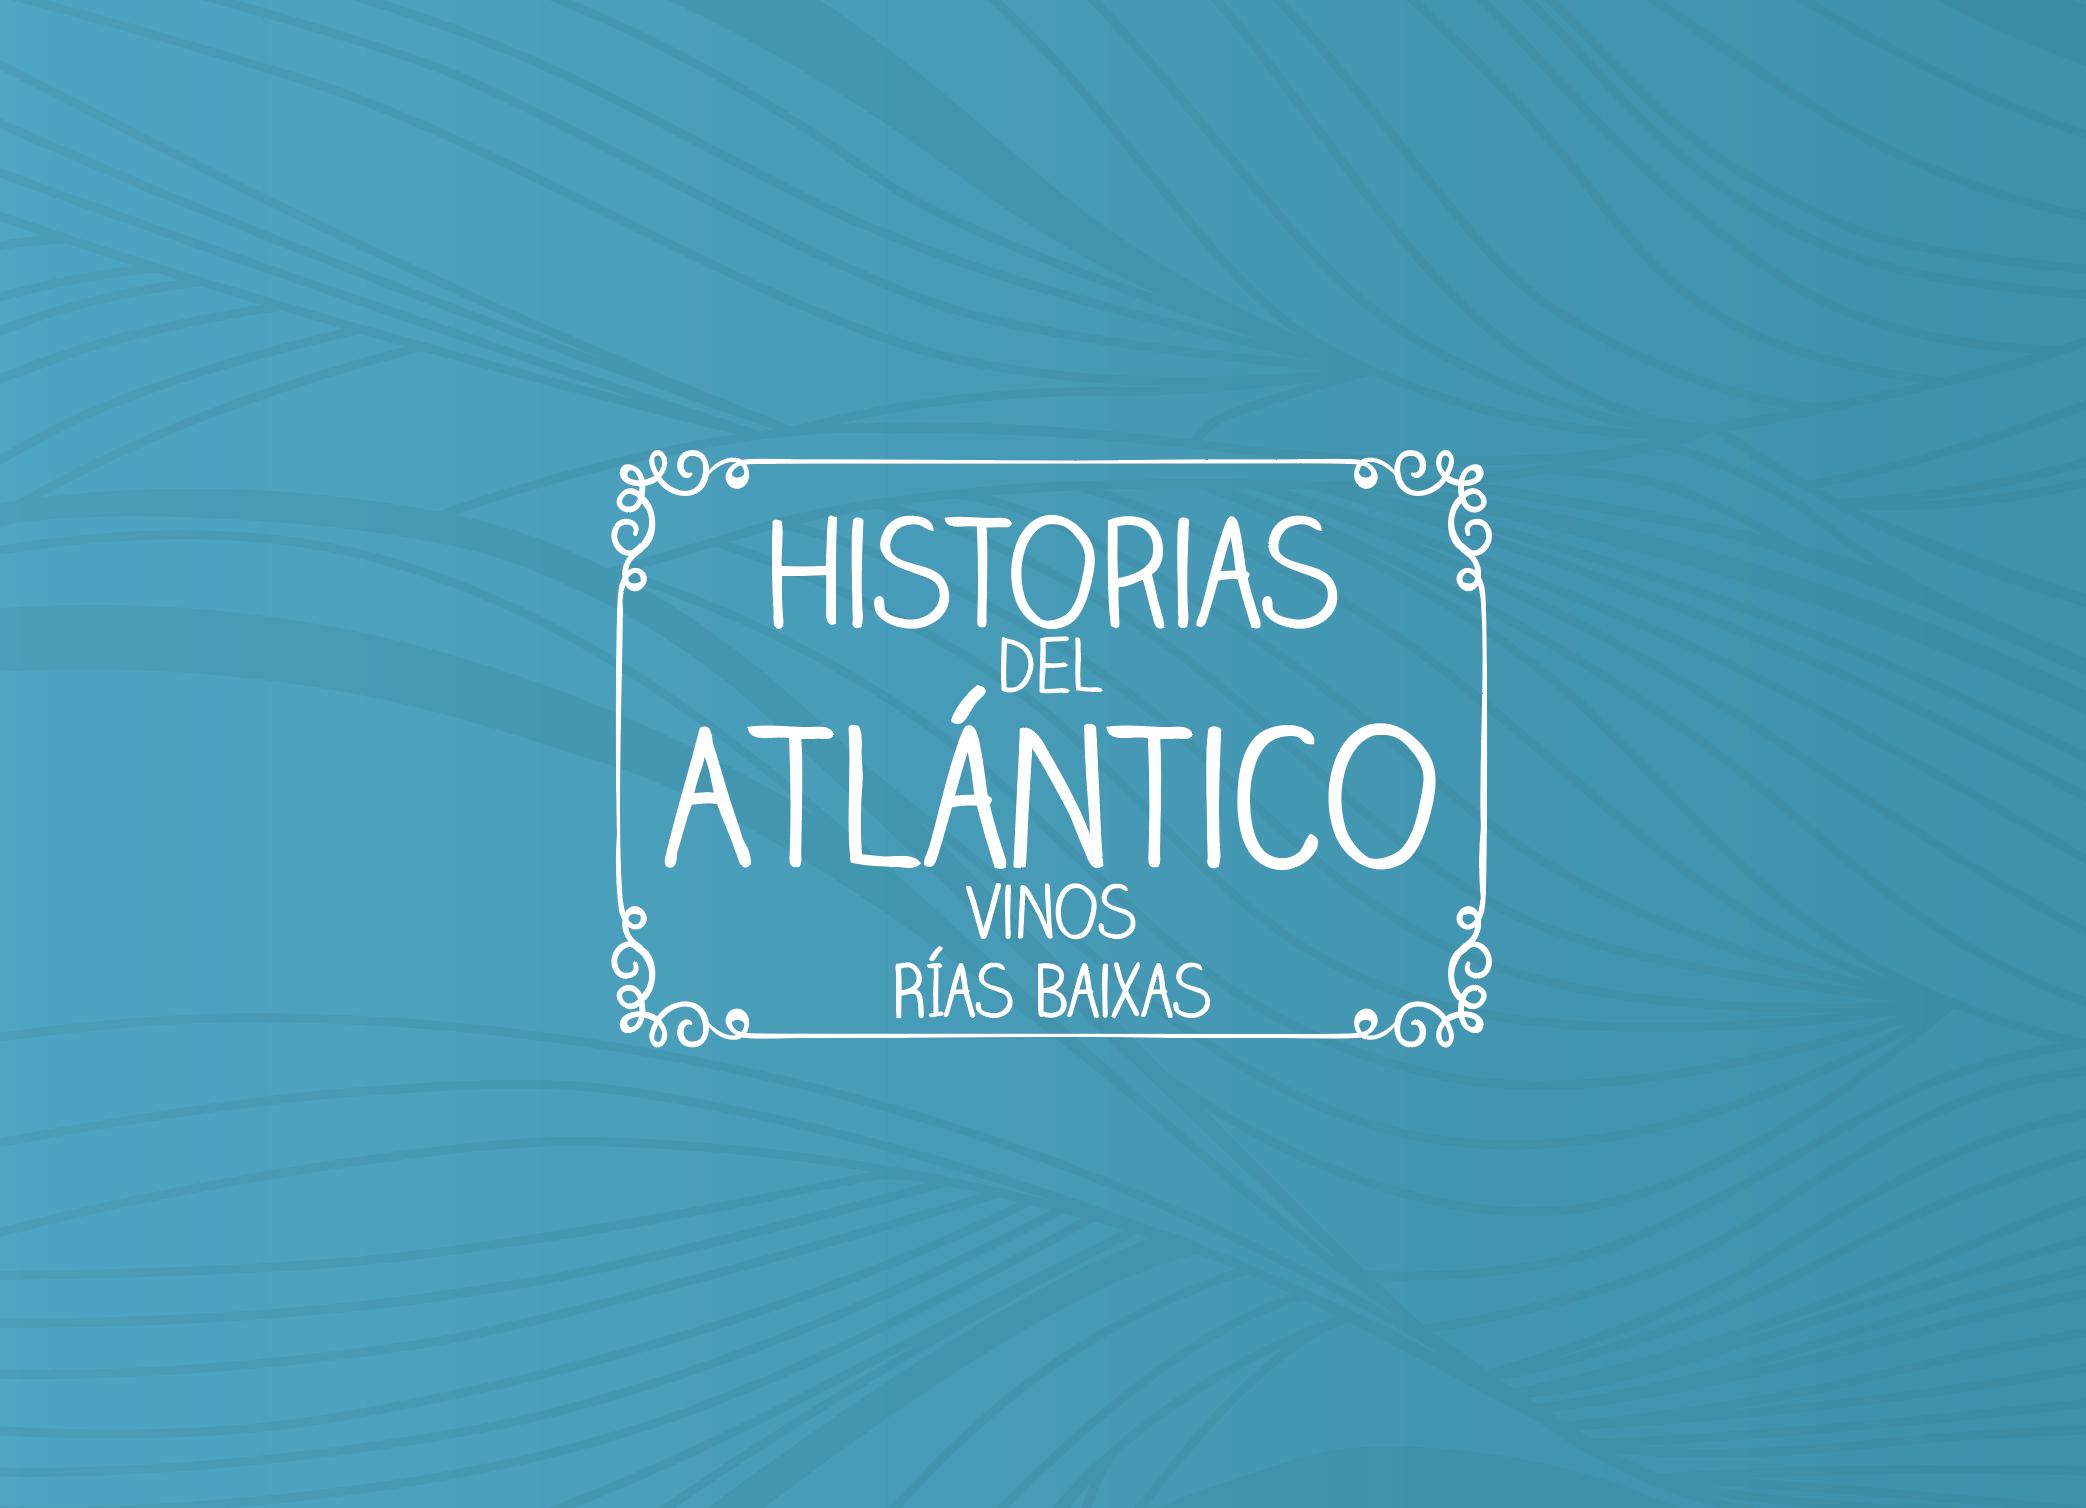 Historias del Atlántico